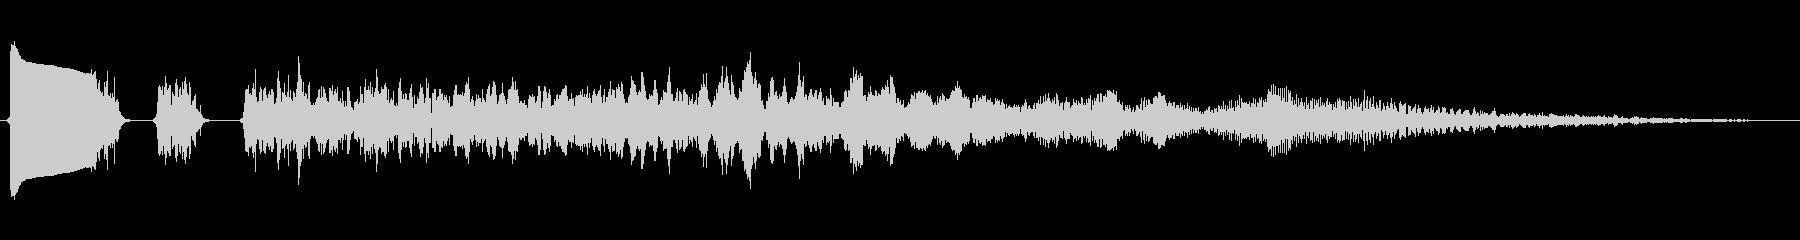 蹄EC04_78_4の未再生の波形